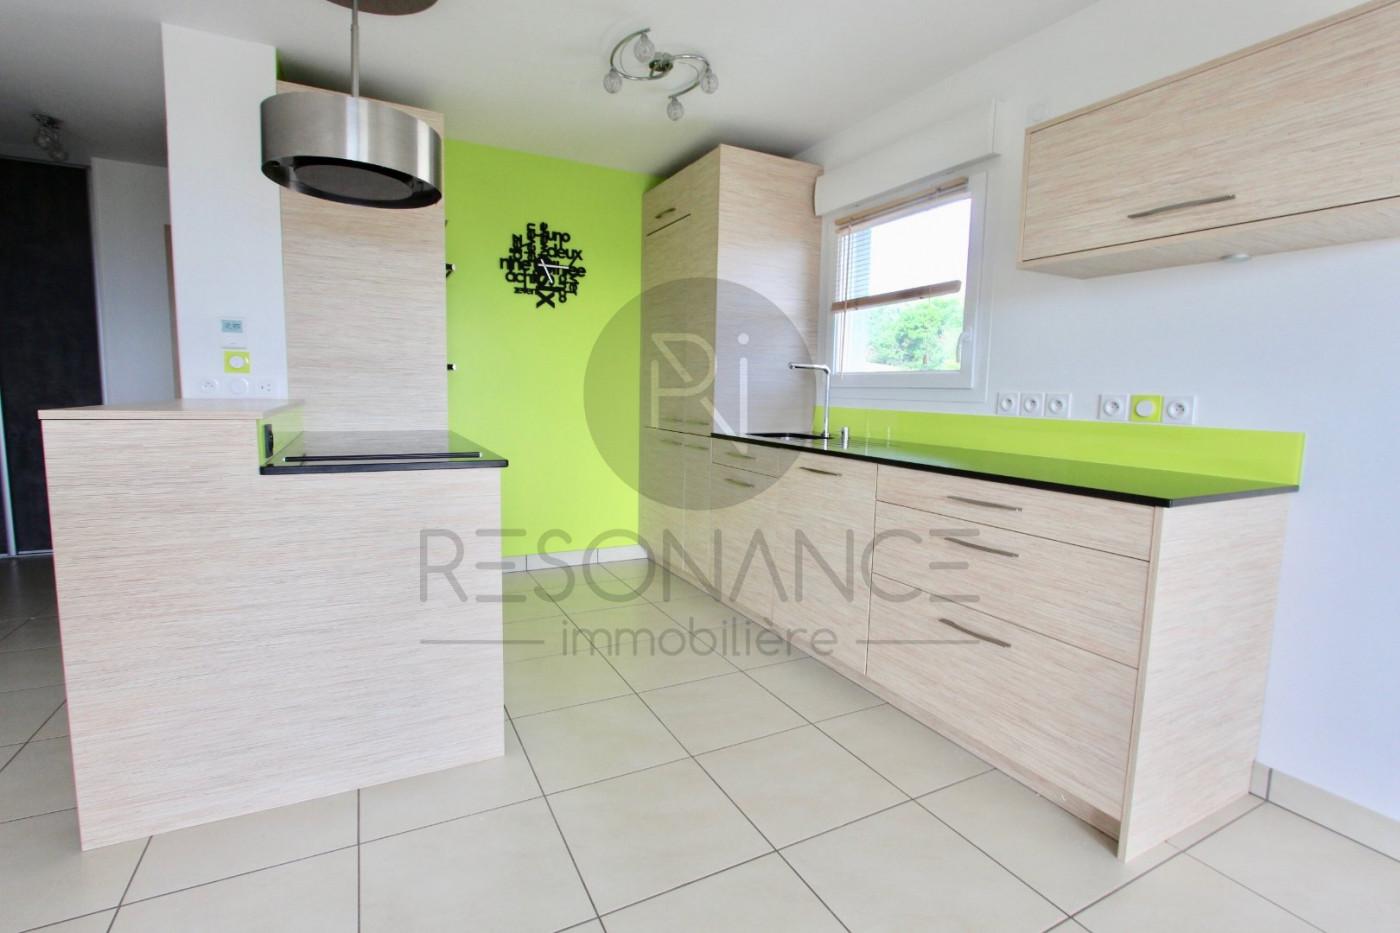 A vendre  Les Ollieres | Réf 74023166 - Resonance immobilière